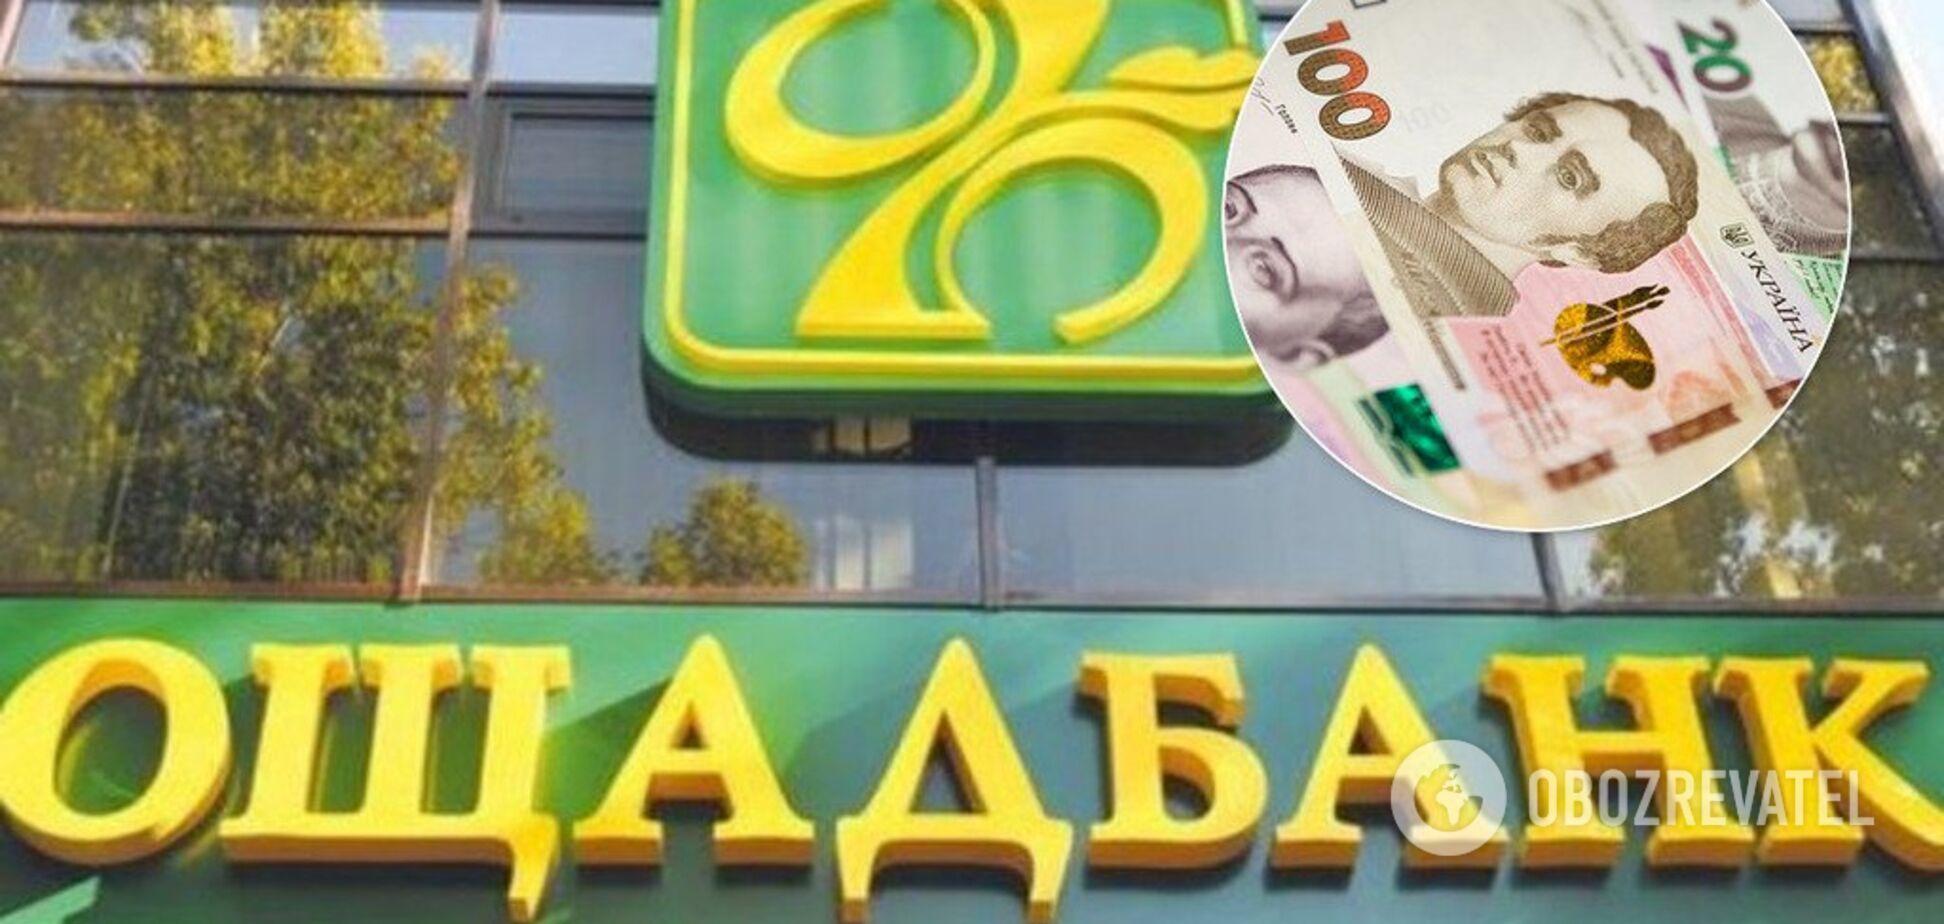 'Ощадбанк' відмовиться від 100% гарантії на депозити: як це буде